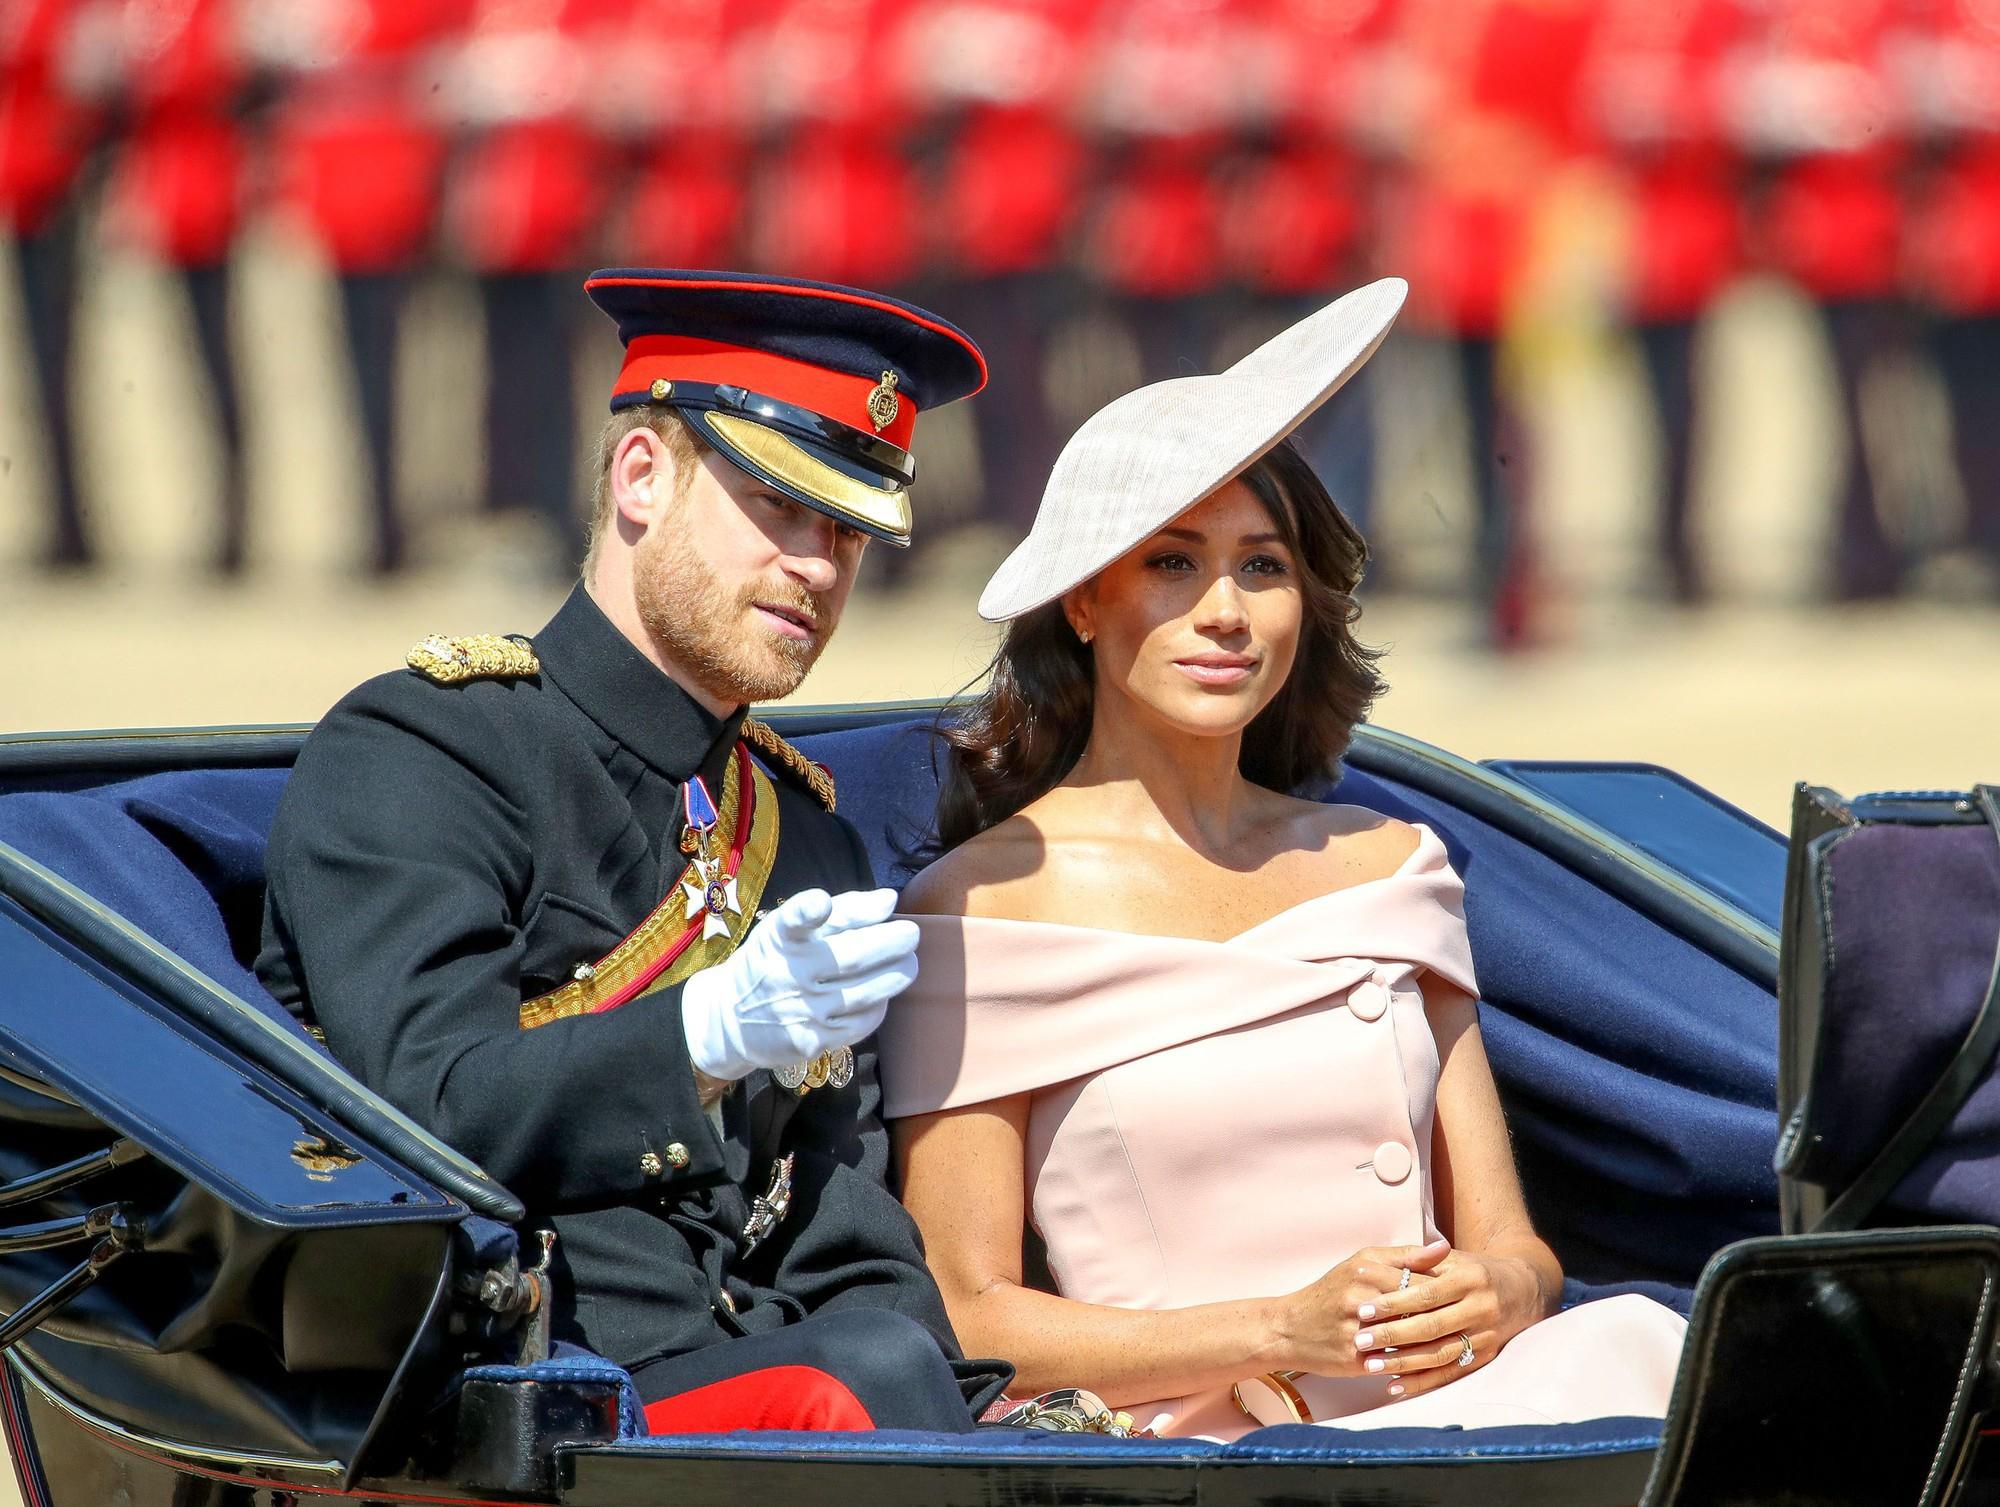 Chỉ mới 3 tháng làm dâu Hoàng gia nhưng Công nương Meghan Markle đã vướng không dưới 5 tranh cãi về trang phục - Ảnh 1.